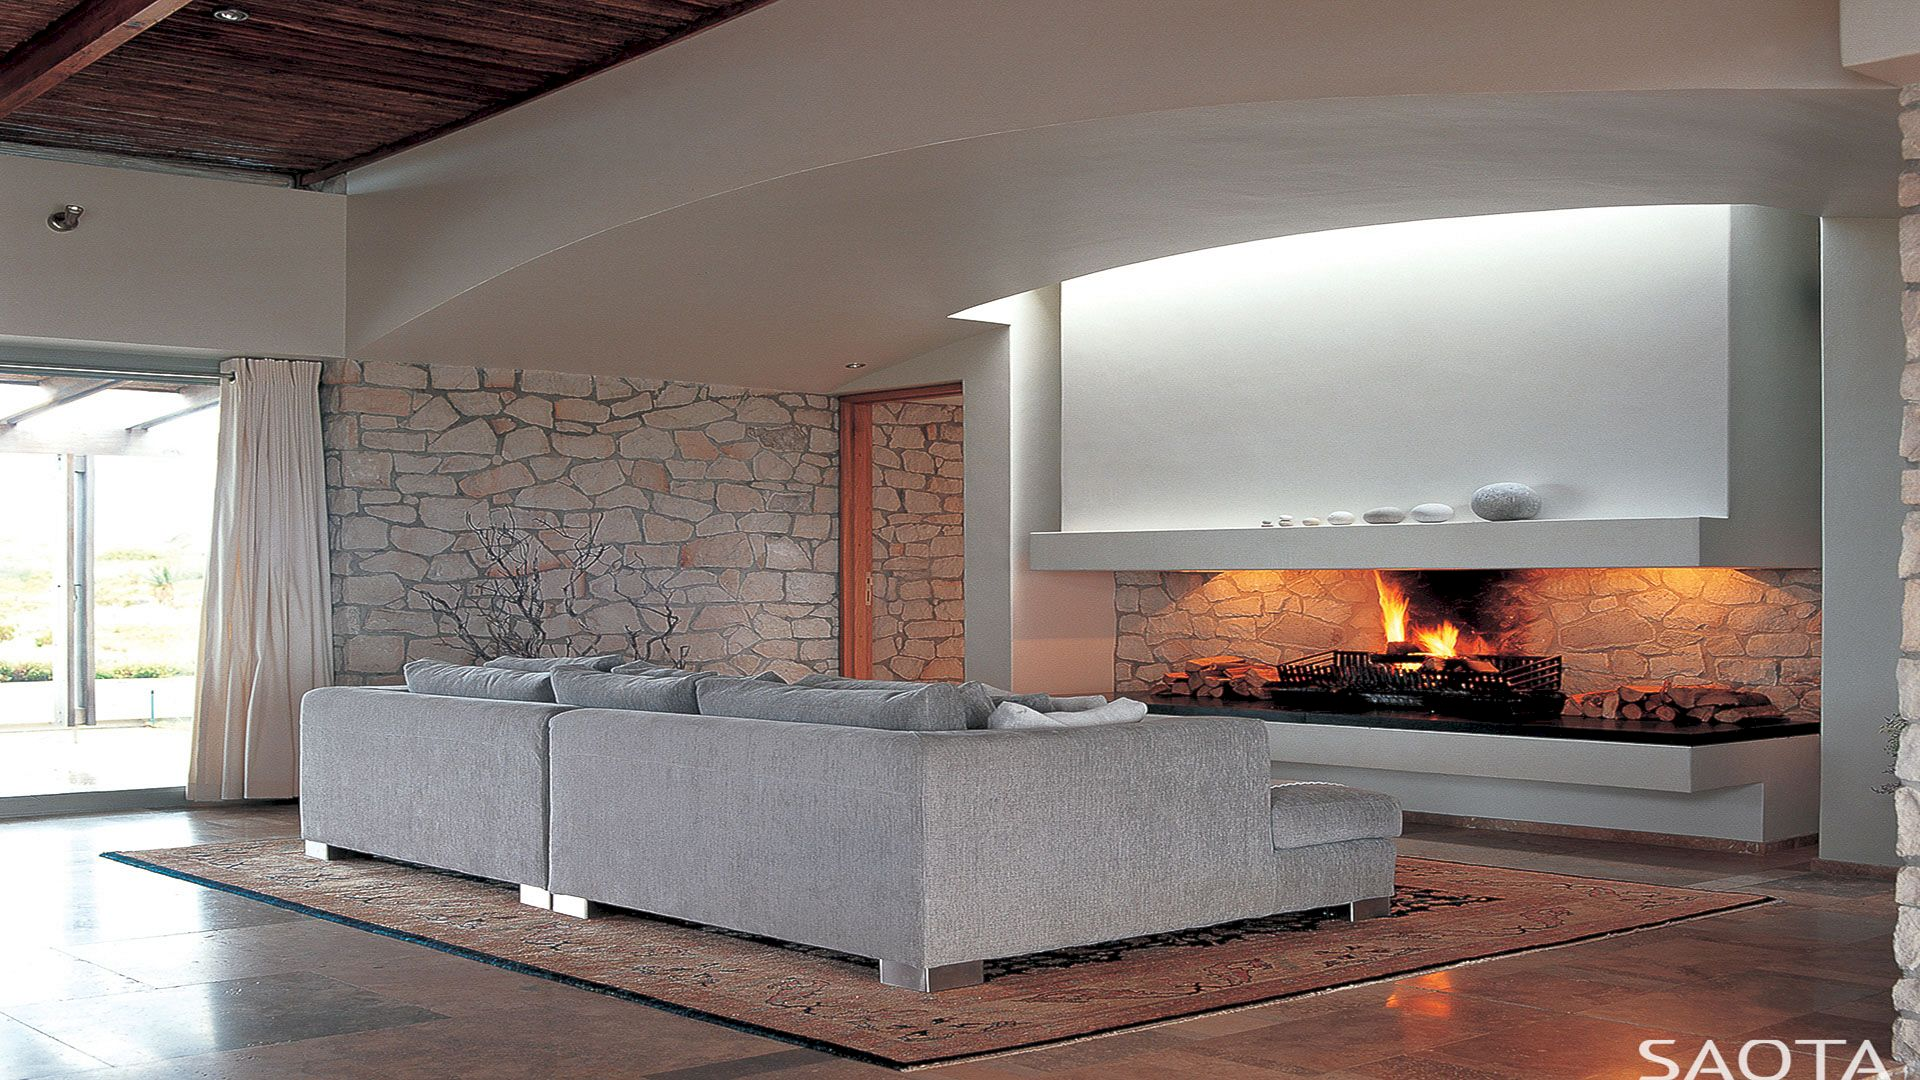 Sprecher By SAOTA Architecture And Design 7